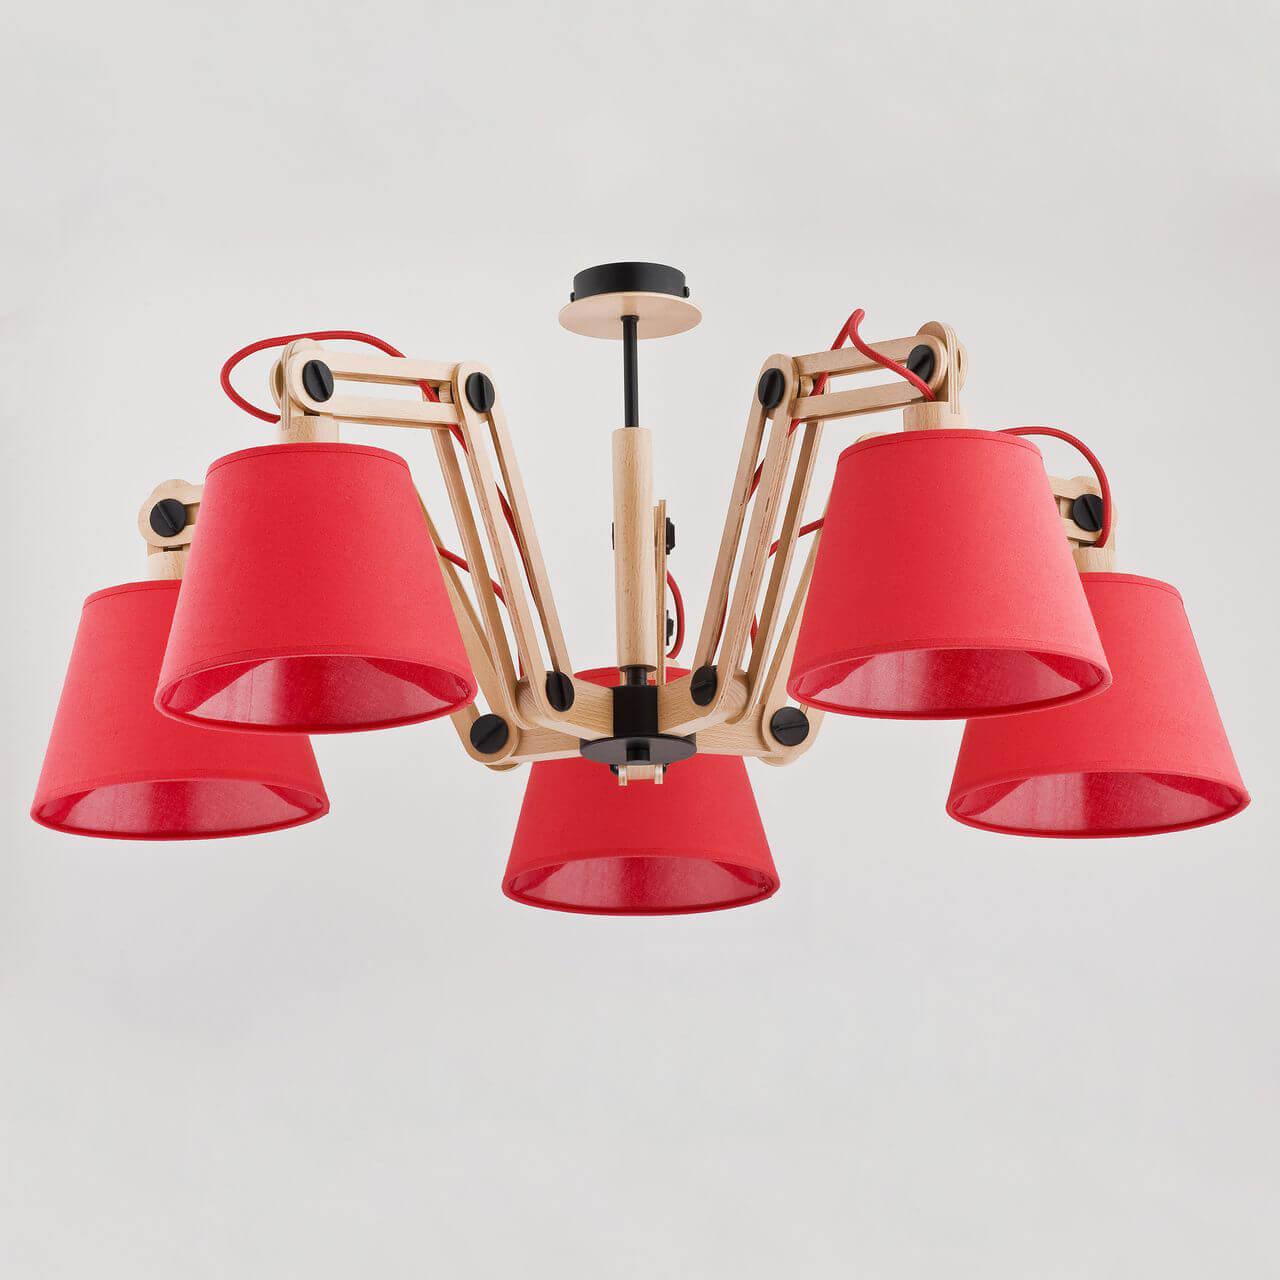 купить Потолочная люстра Alfa Joga Red 22245 по цене 9790 рублей